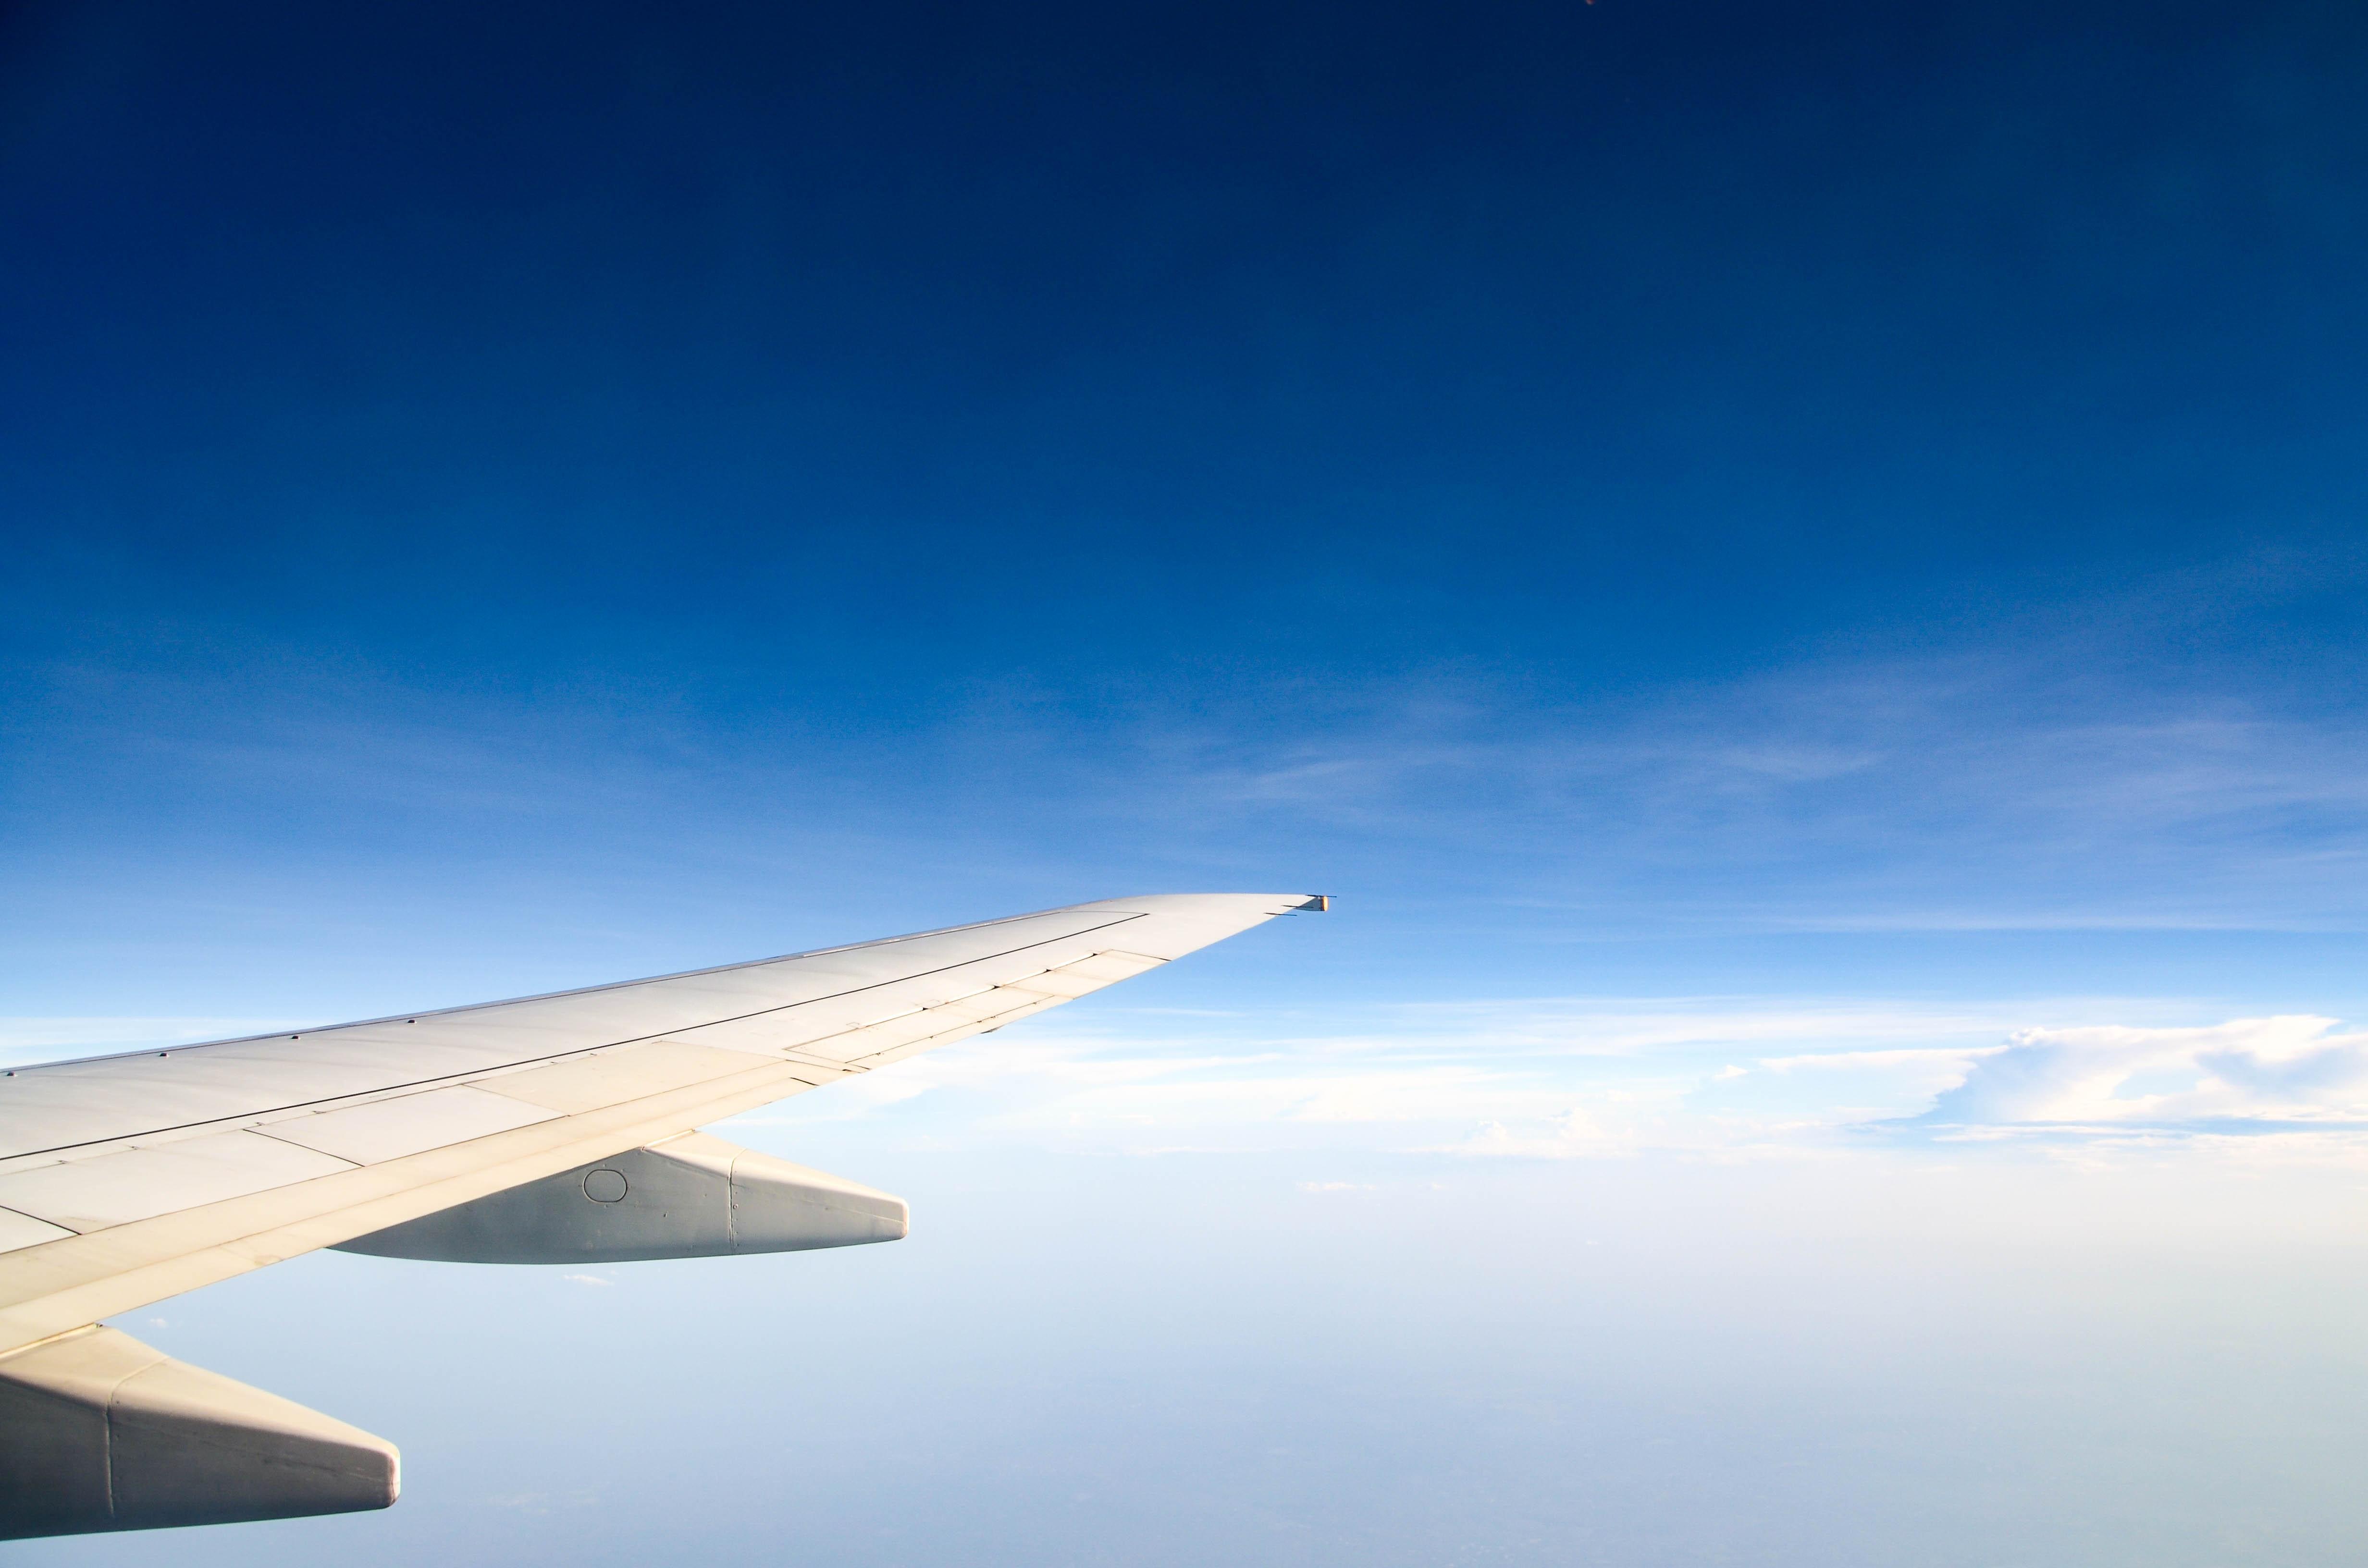 avion ciel aile